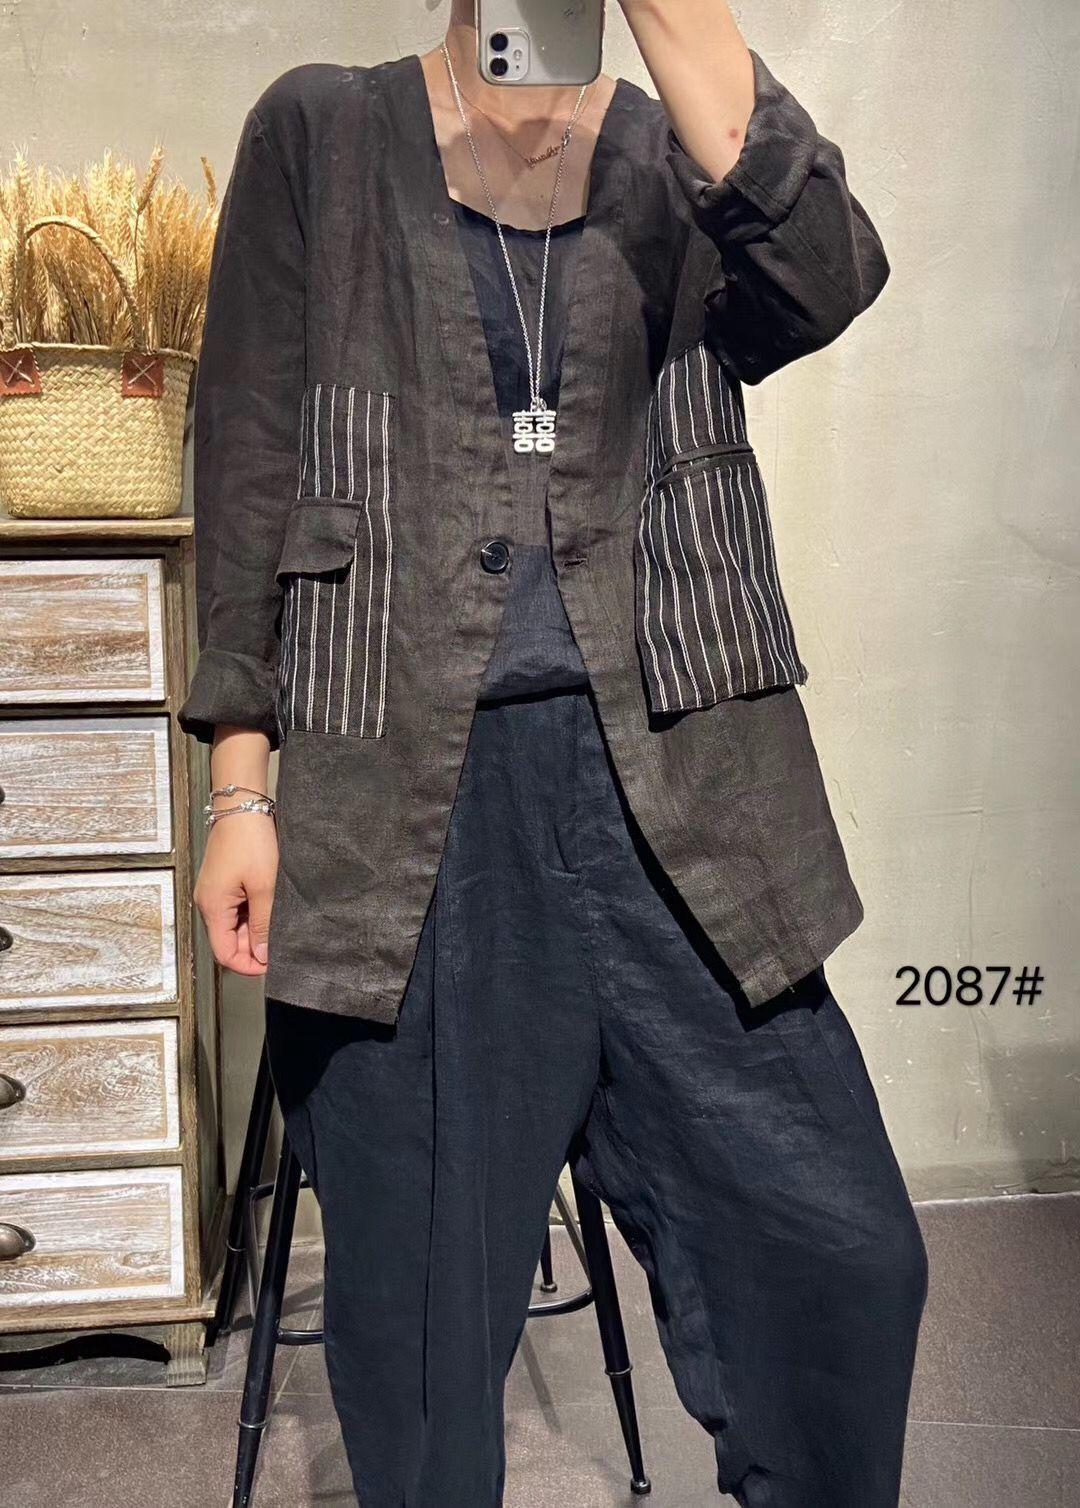 iWur3 S75X7 2020 осень новый средней длины белье кардиган в полоску костюм женский кардиган вскользь 2020 средней длины новый все-матч белье Пальто